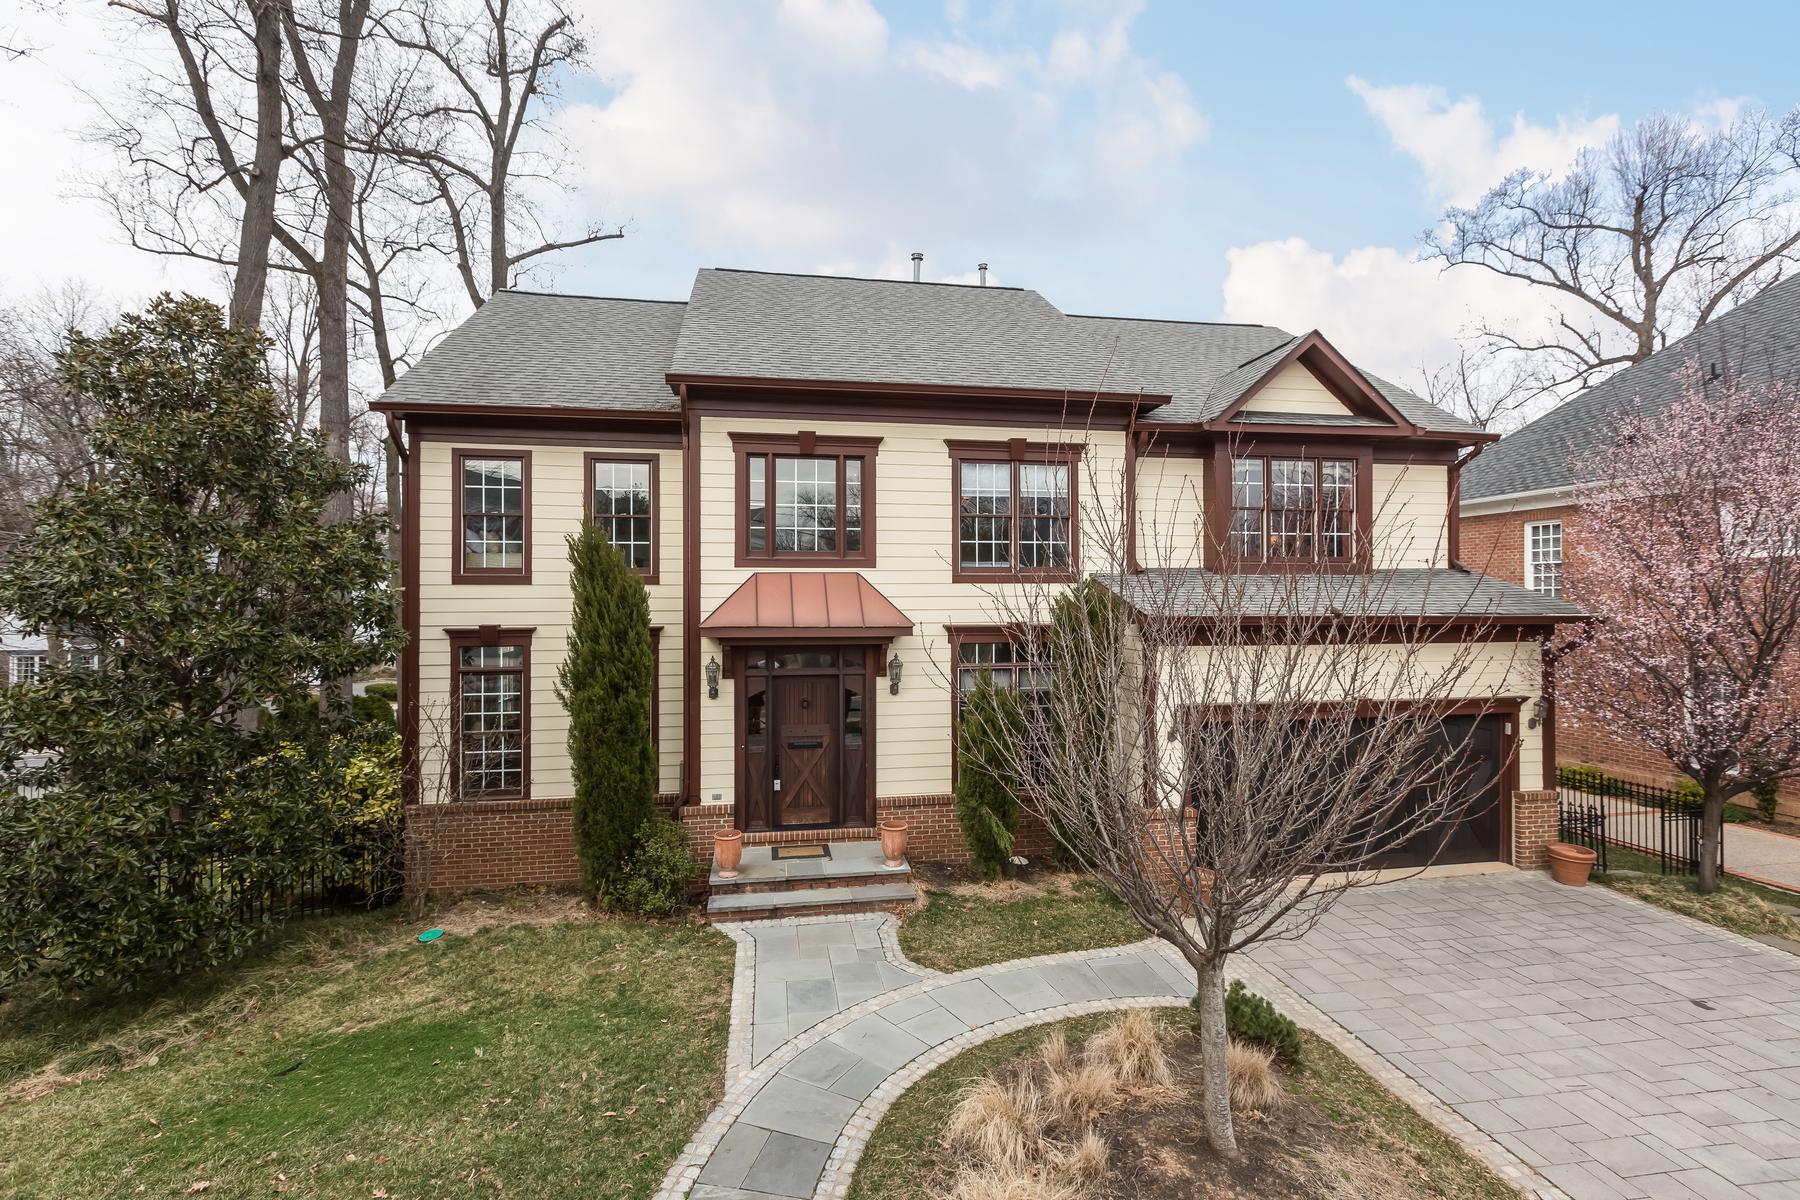 Maison unifamiliale pour l Vente à Lee Heights 3917 Lorcom Ln Arlington, Virginia, 22207 États-Unis